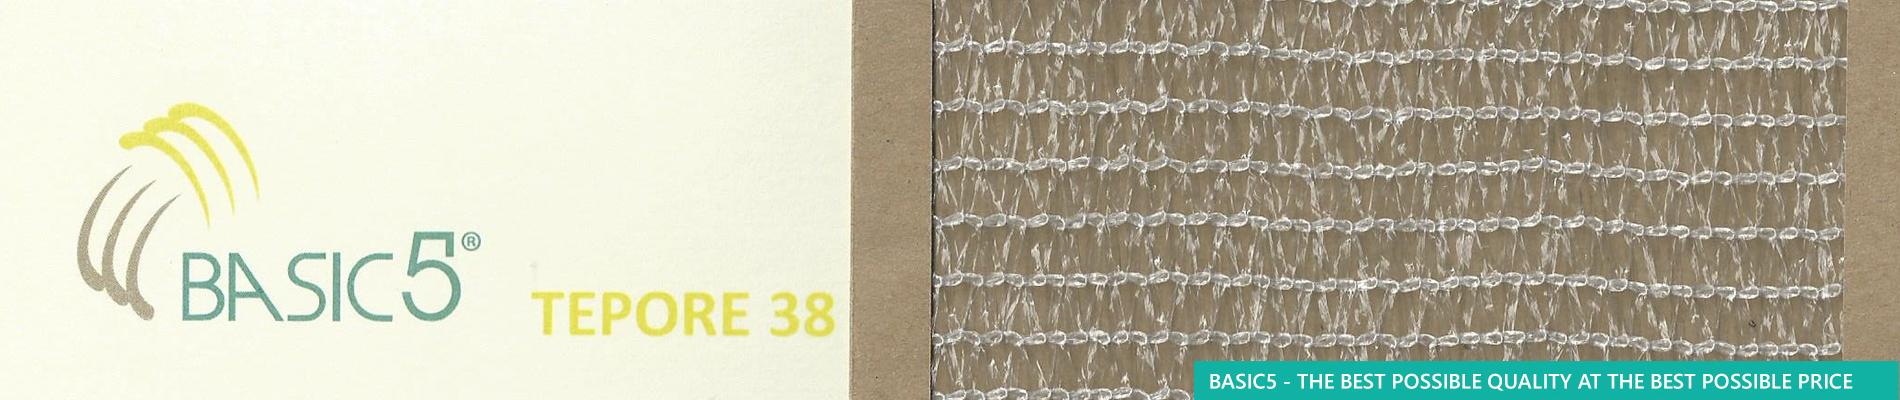 Protezione di reti tessute per colture protette - Aduno srl